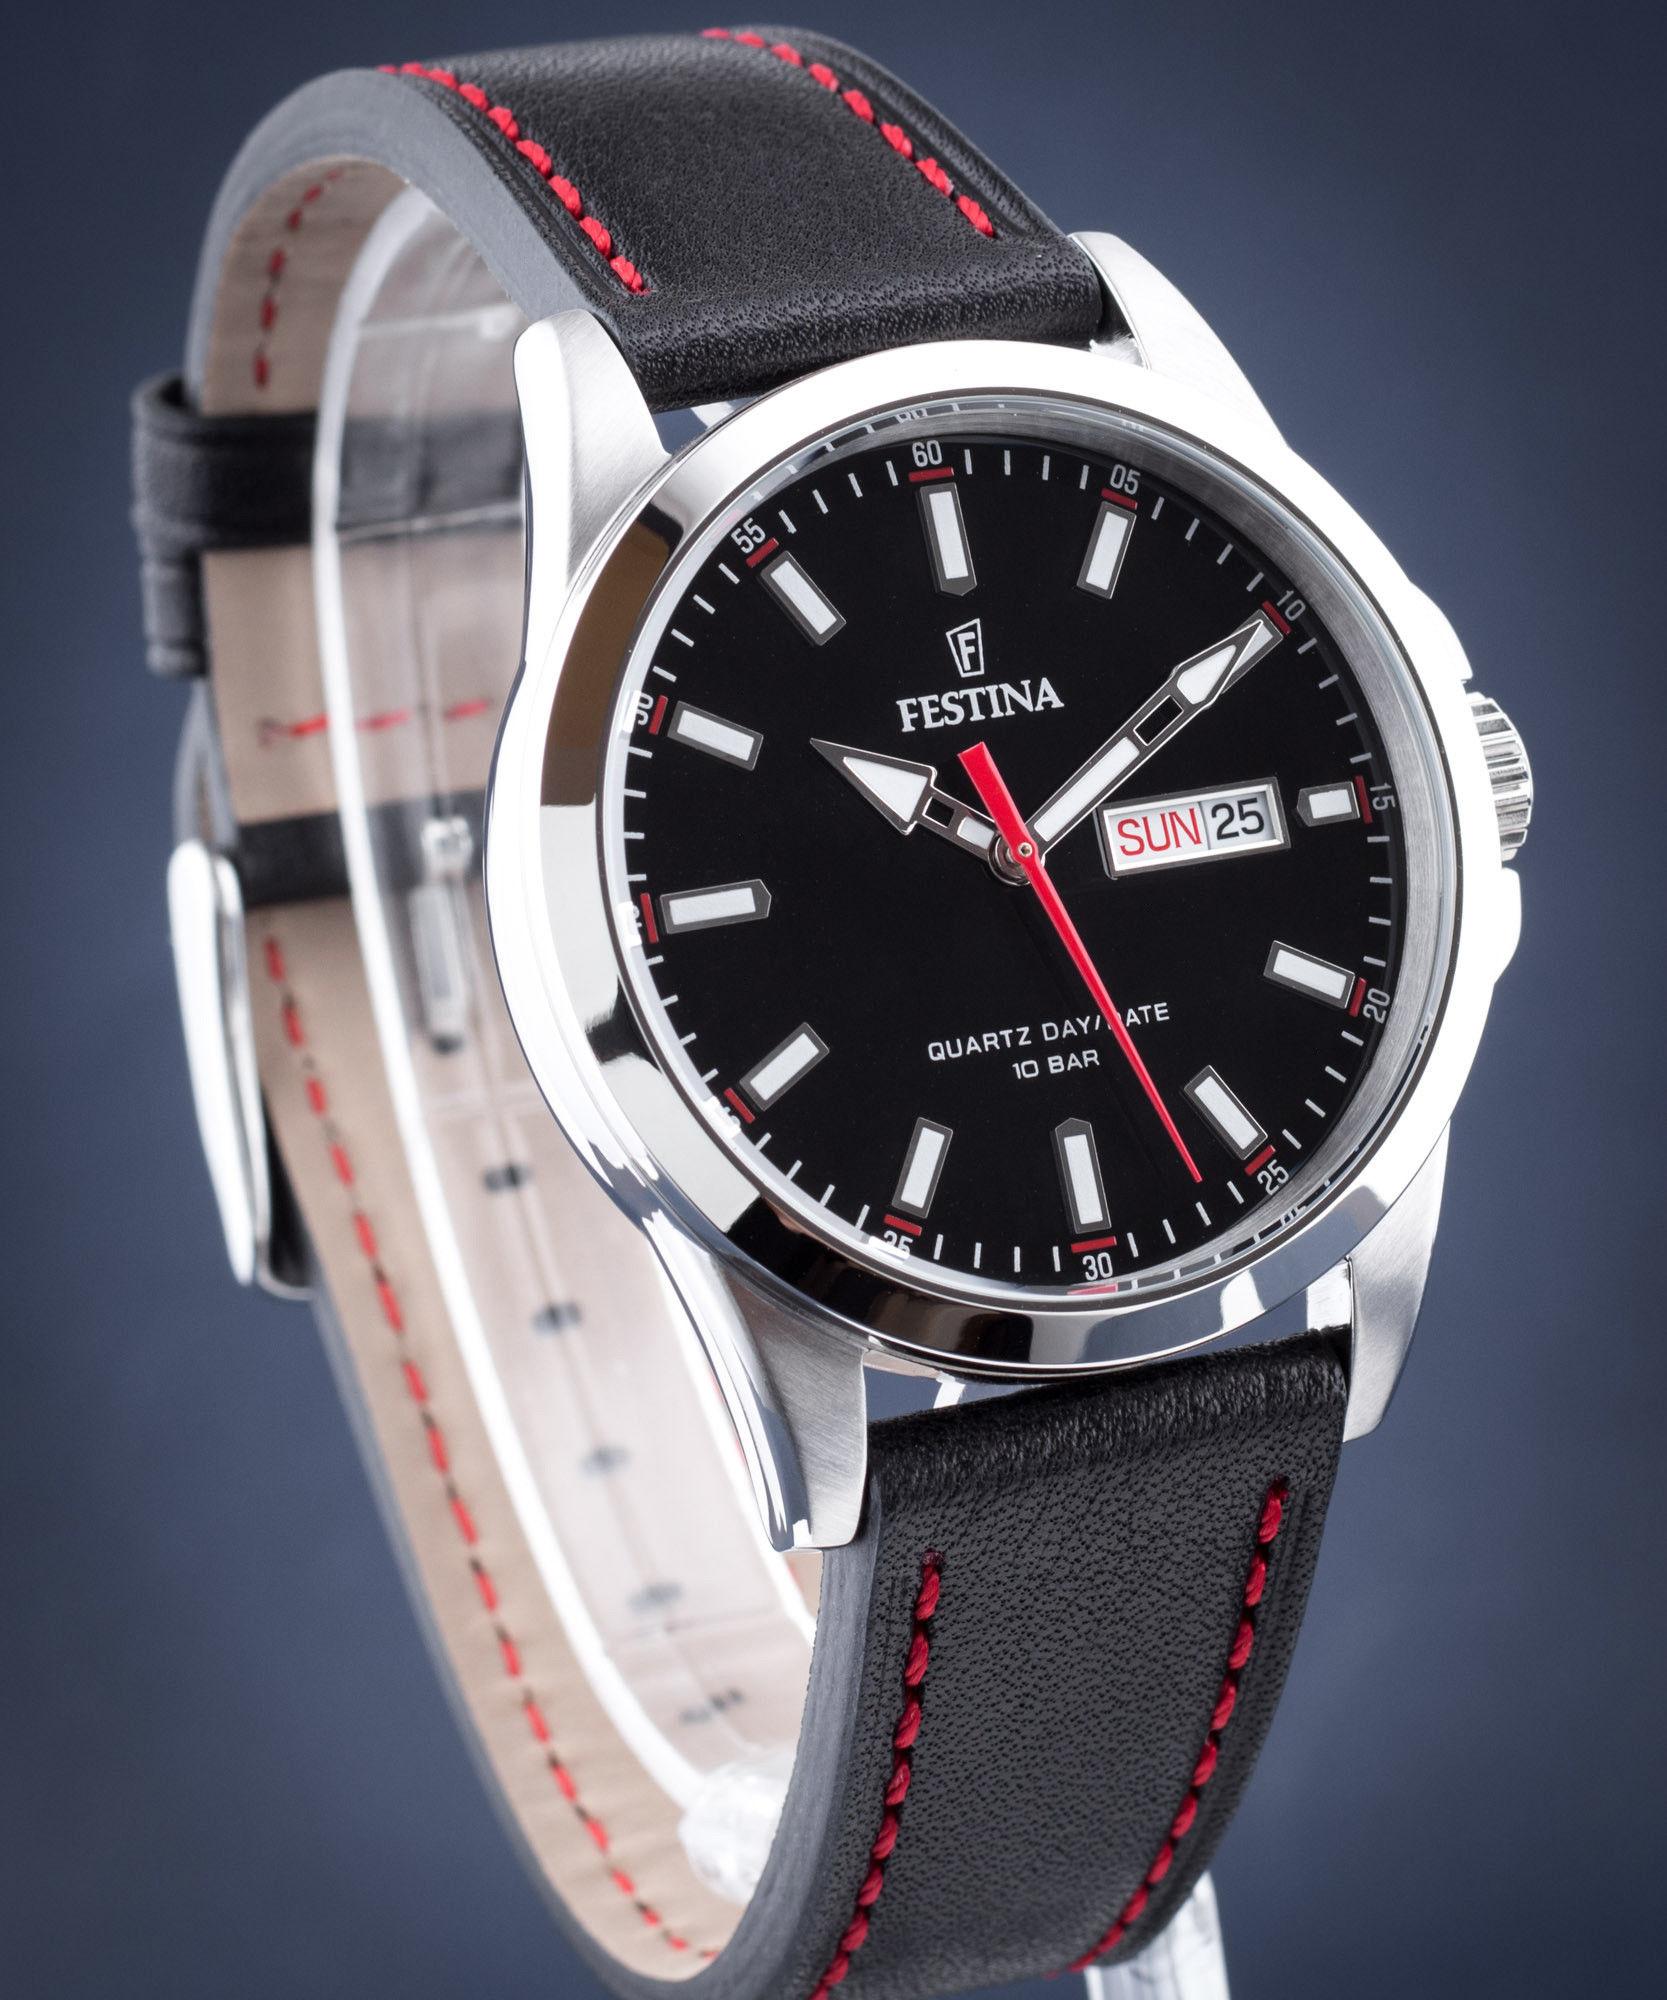 Zegarek Festina F20358-4 Classic Strap - CENA DO NEGOCJACJI - DOSTAWA DHL GRATIS, KUPUJ BEZ RYZYKA - 100 dni na zwrot, możliwość wygrawerowania dowolnego tekstu.